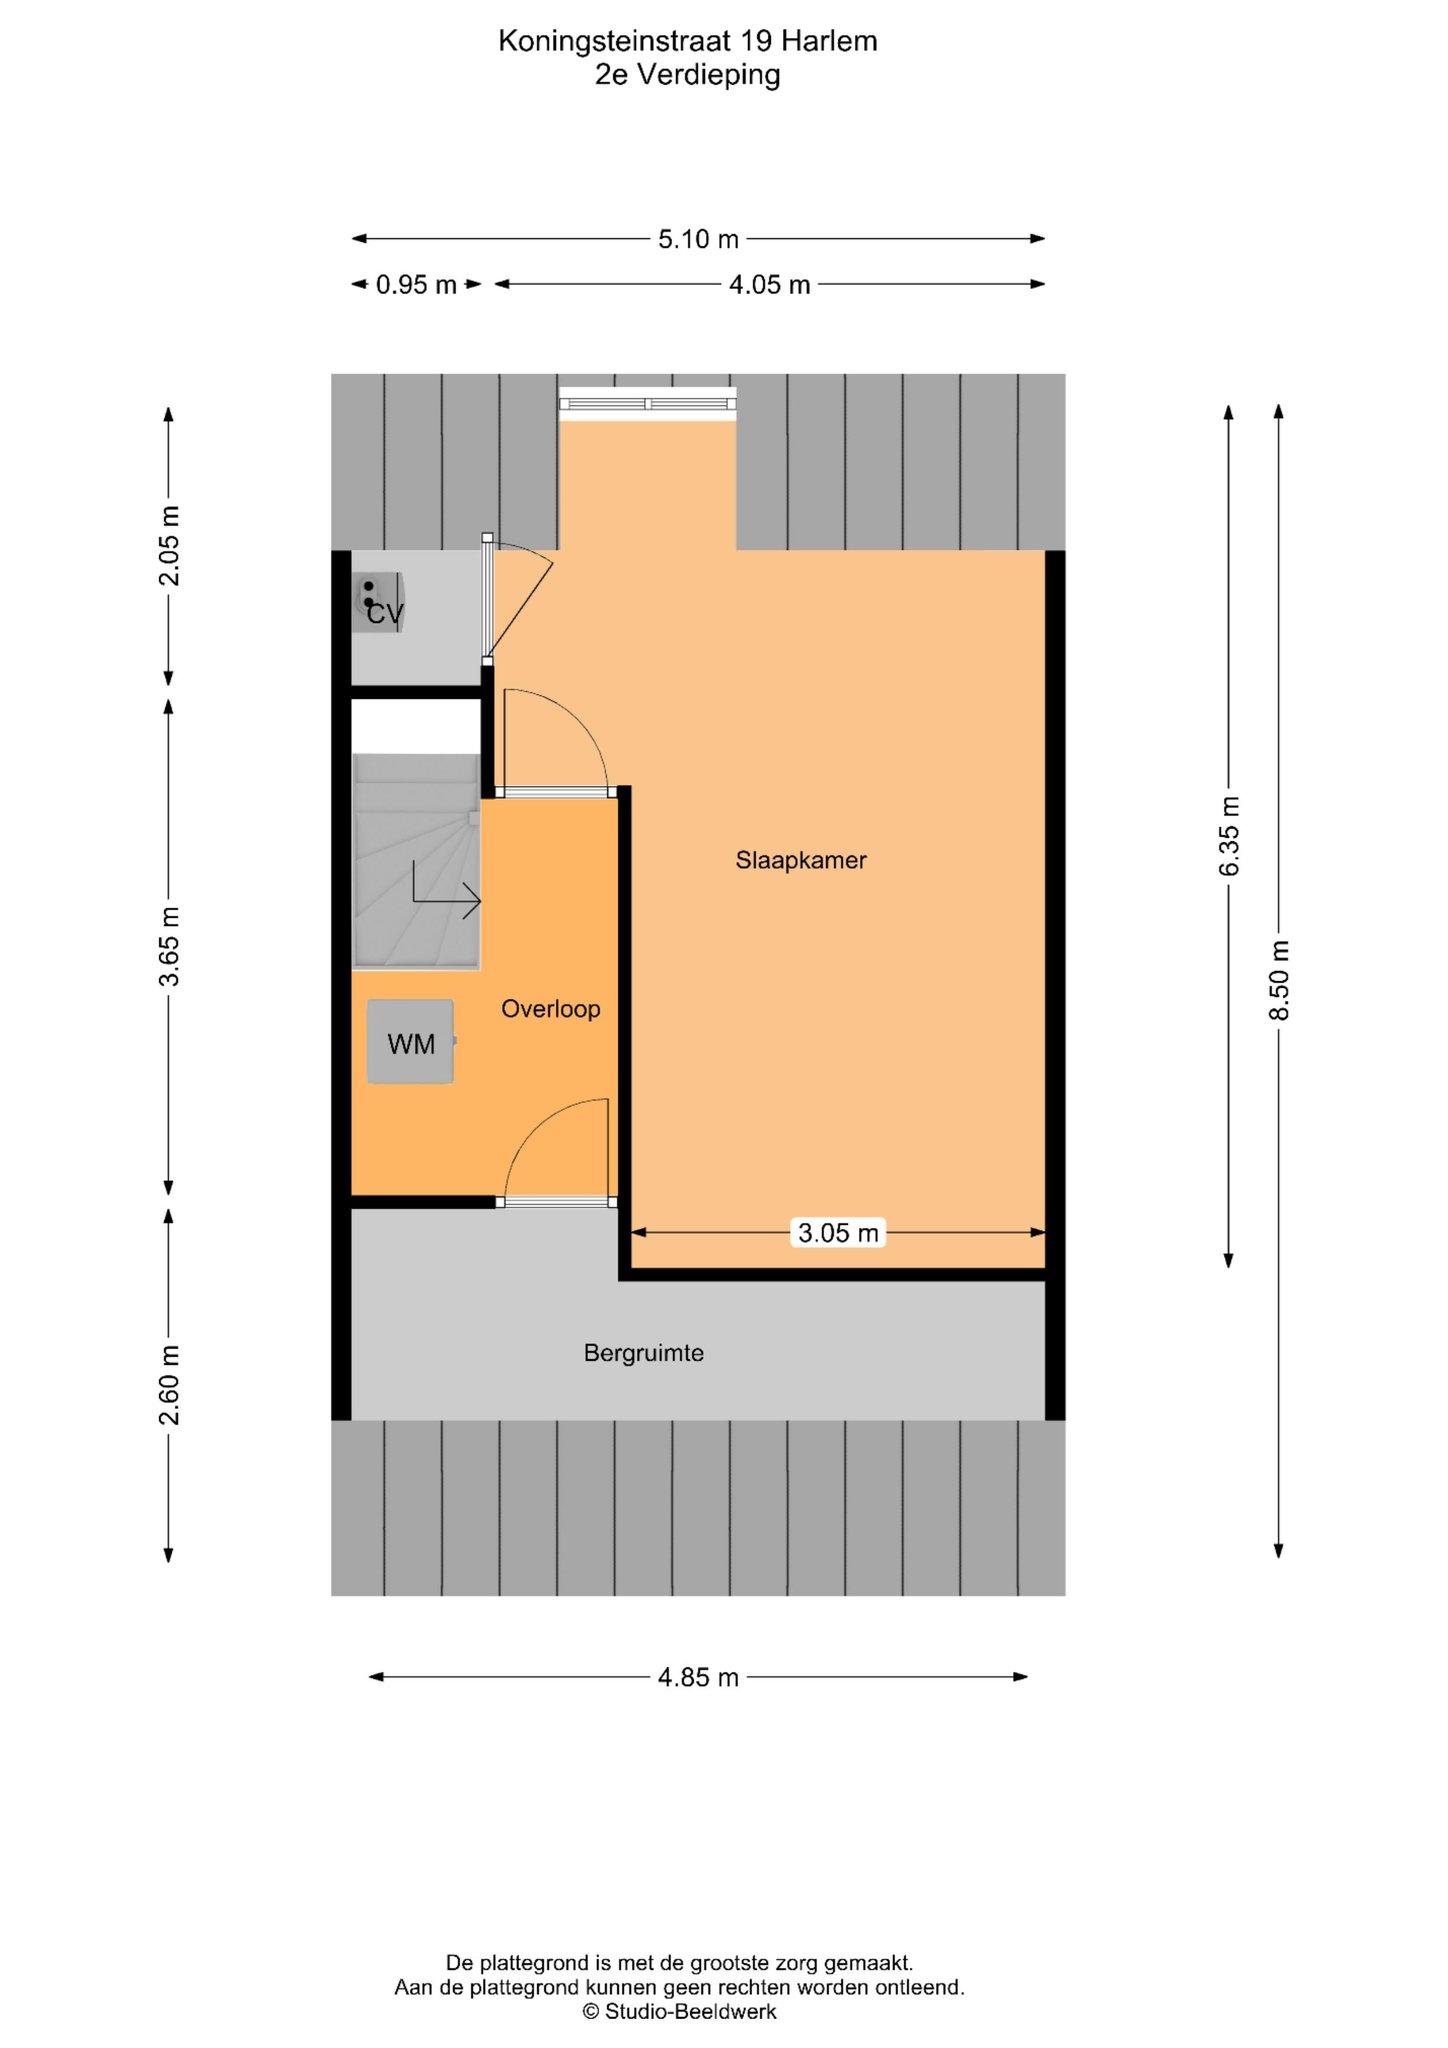 Haarlem – Koningsteinstraat 19 – Plattegrond 3